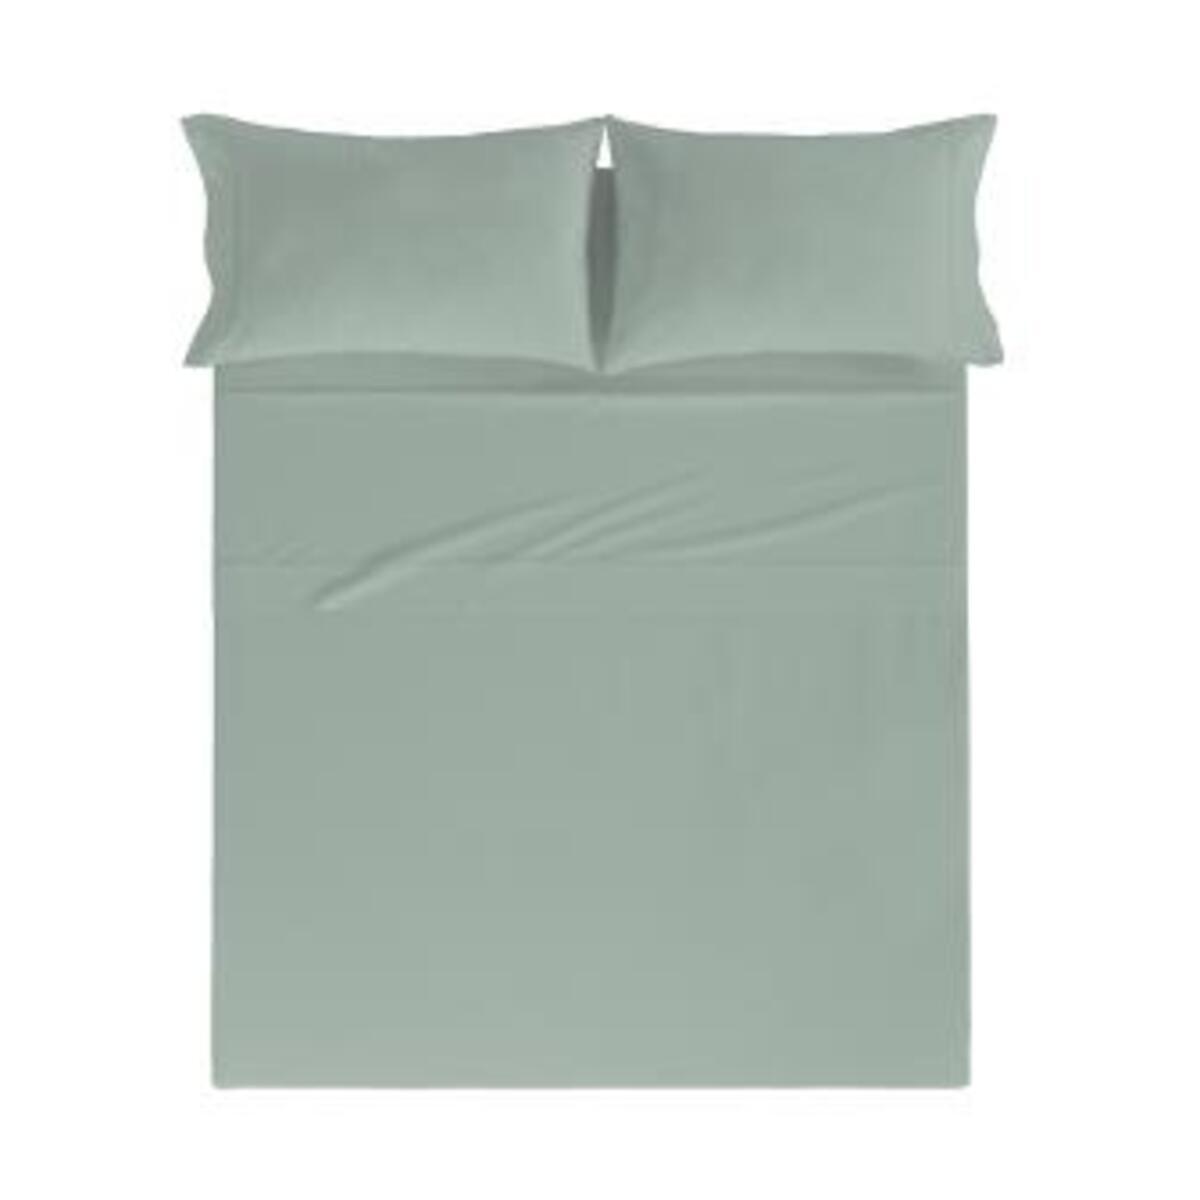 Drap de lit en coton percale thé 250x280